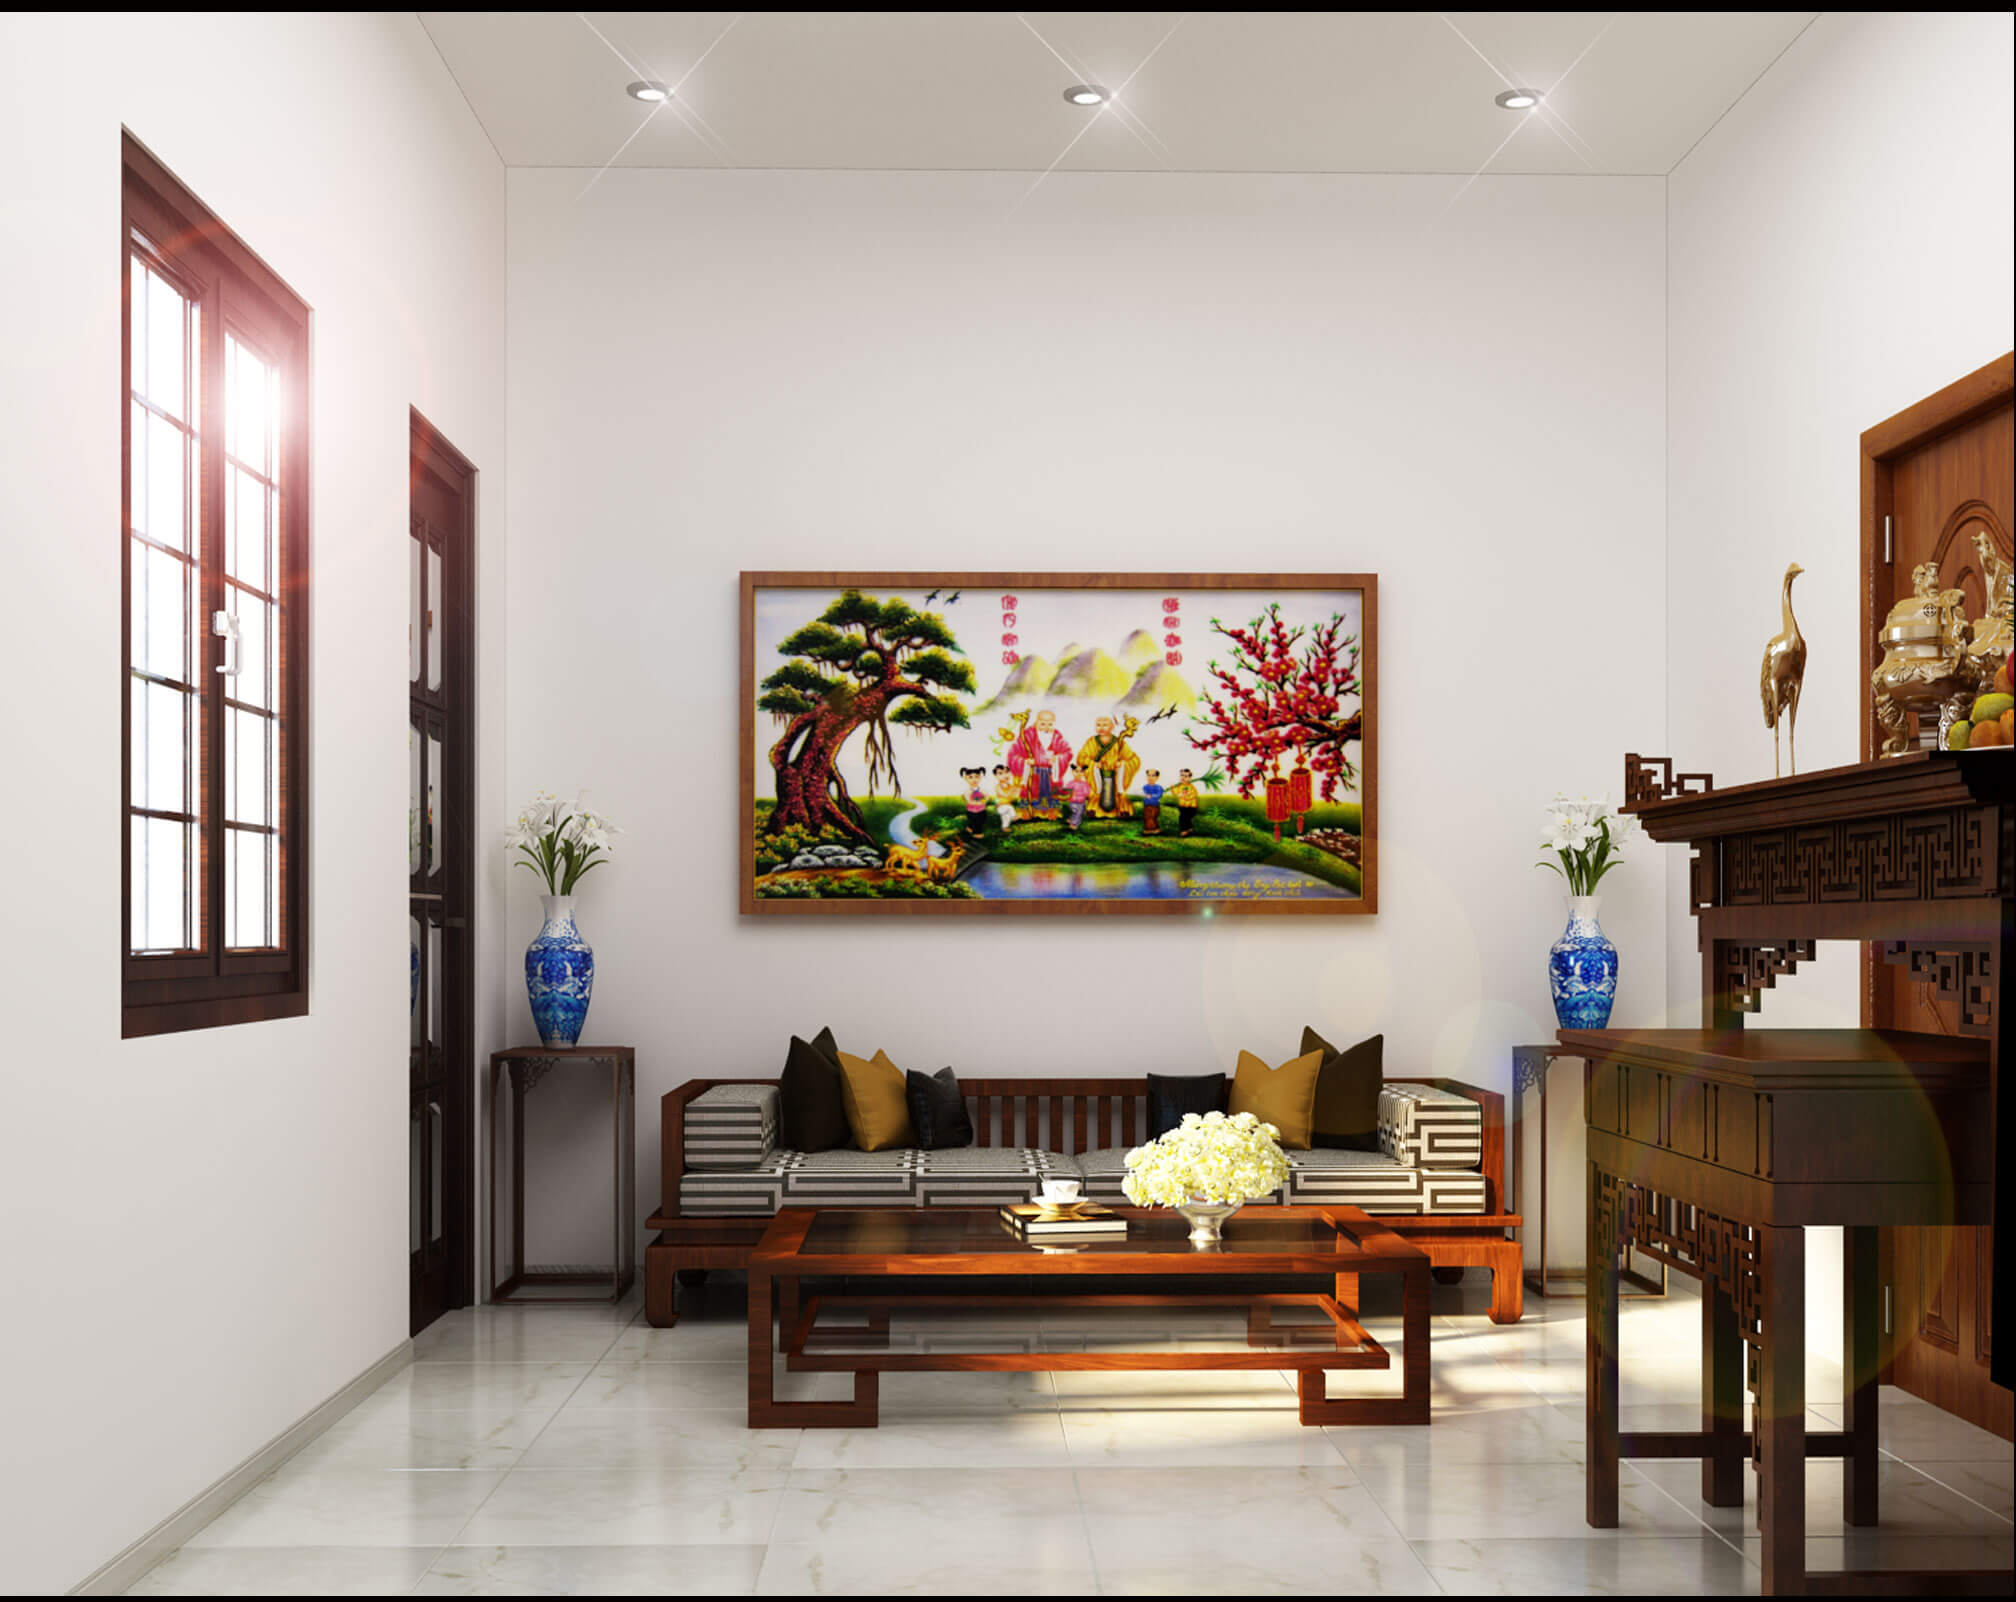 Phòng thờ đơn giản với kệ thờ và một bộ sofa uống trà nằm trên sân thượng